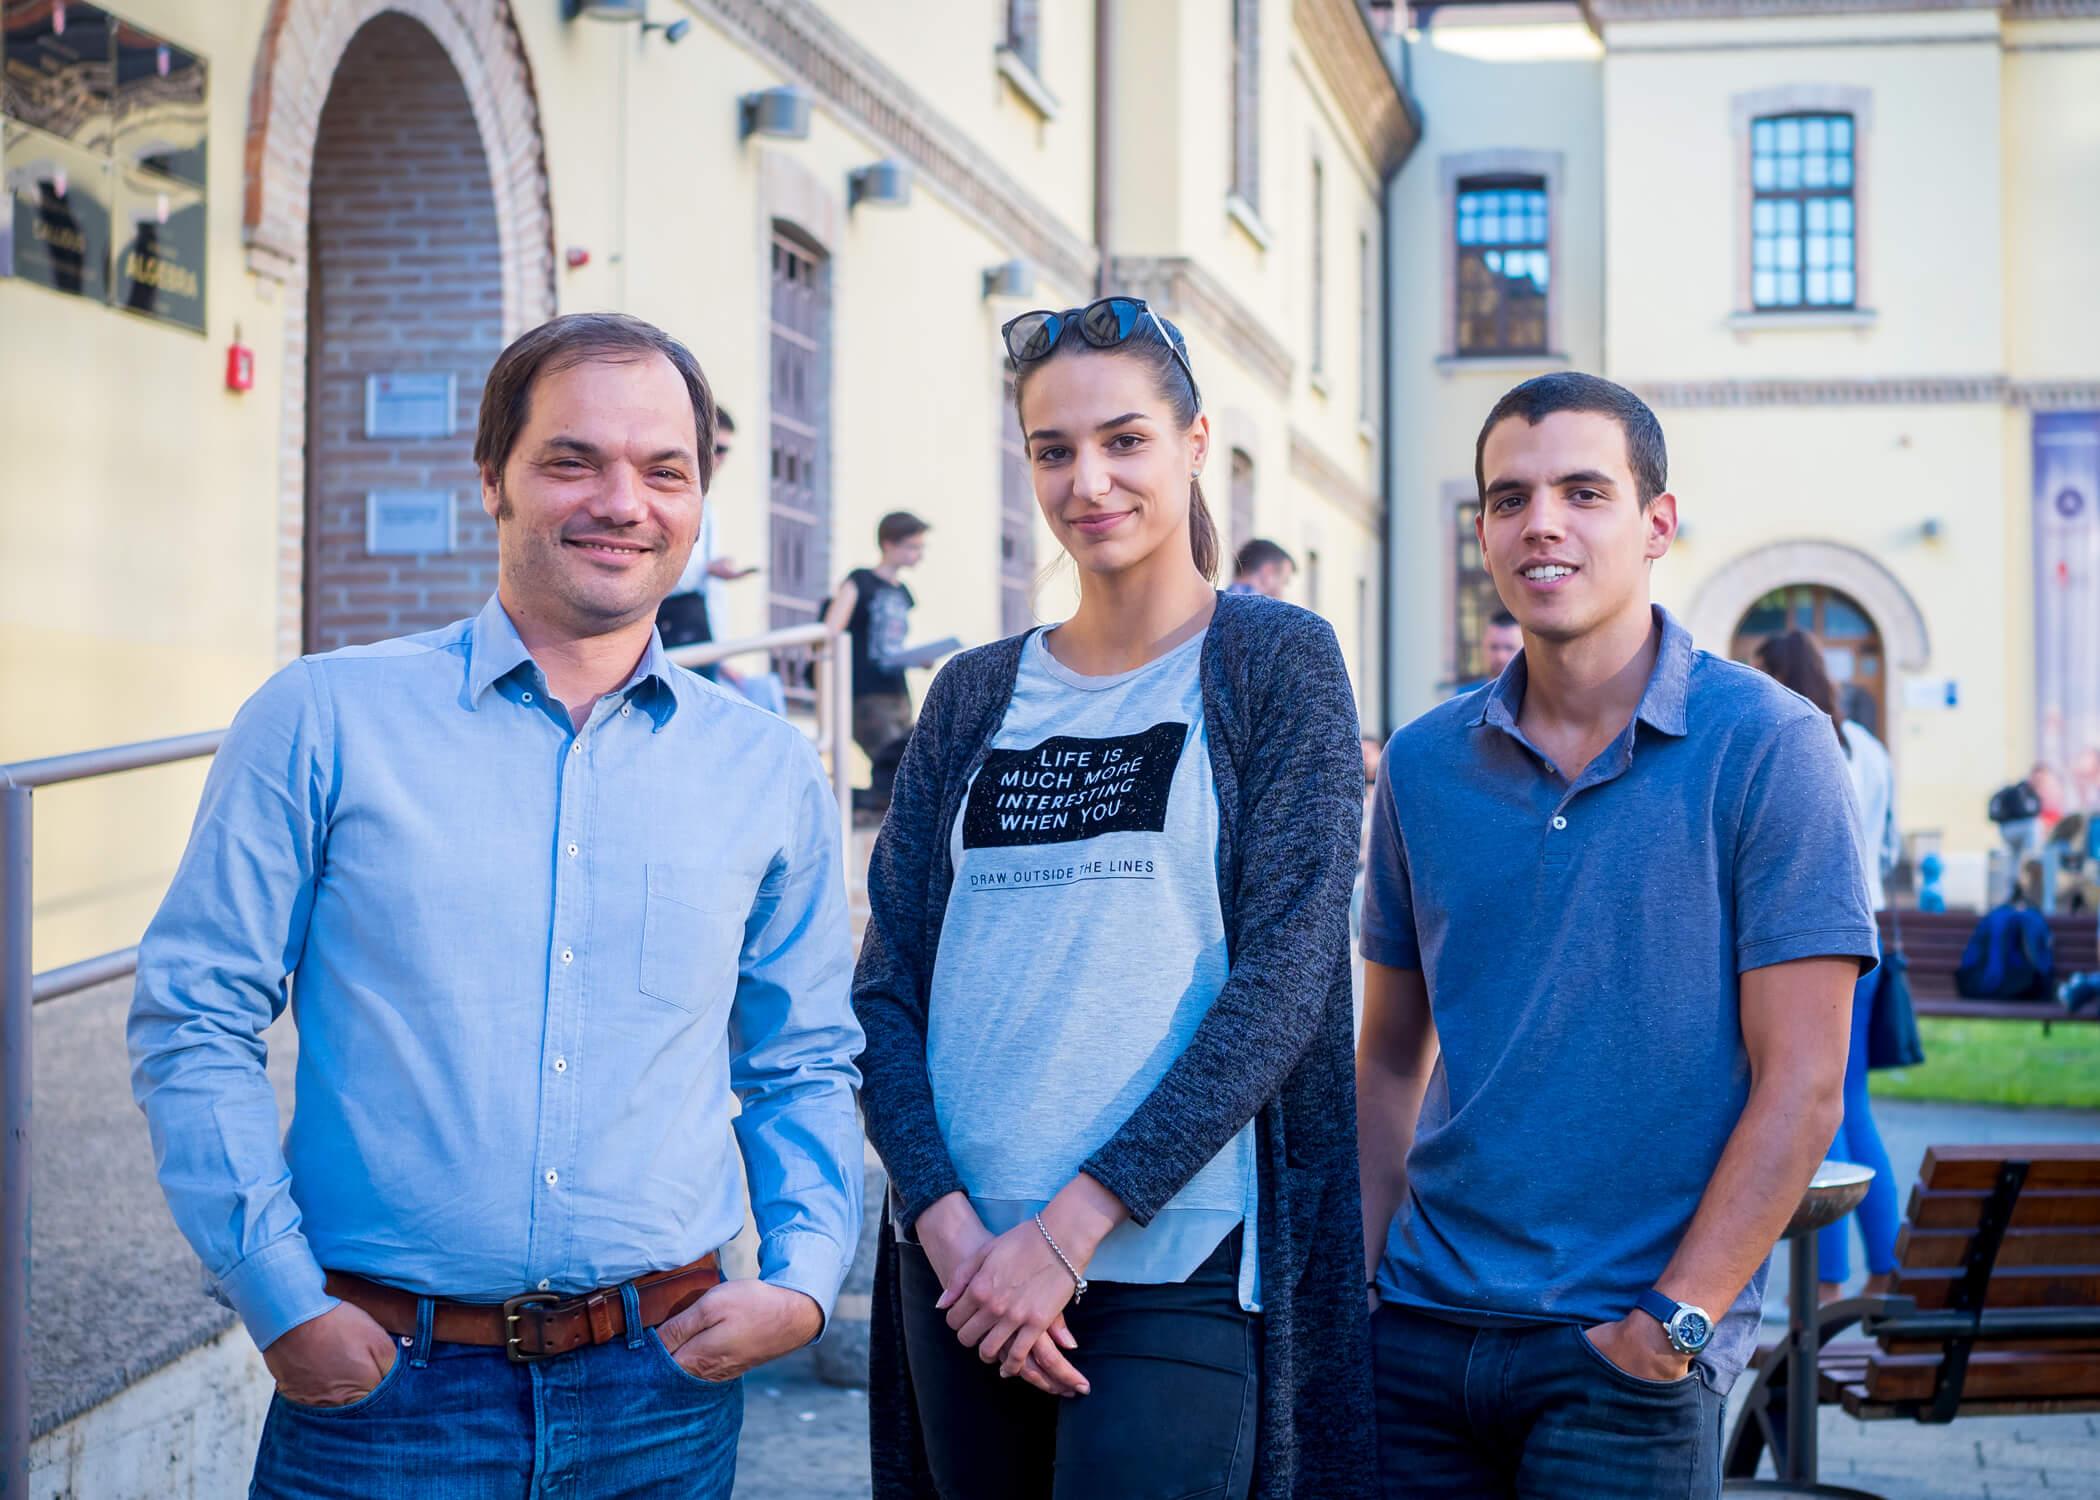 Studenti iz Hrvatske među 5% najboljih na svjetskom natjecanju Google Online Marketing Challenge